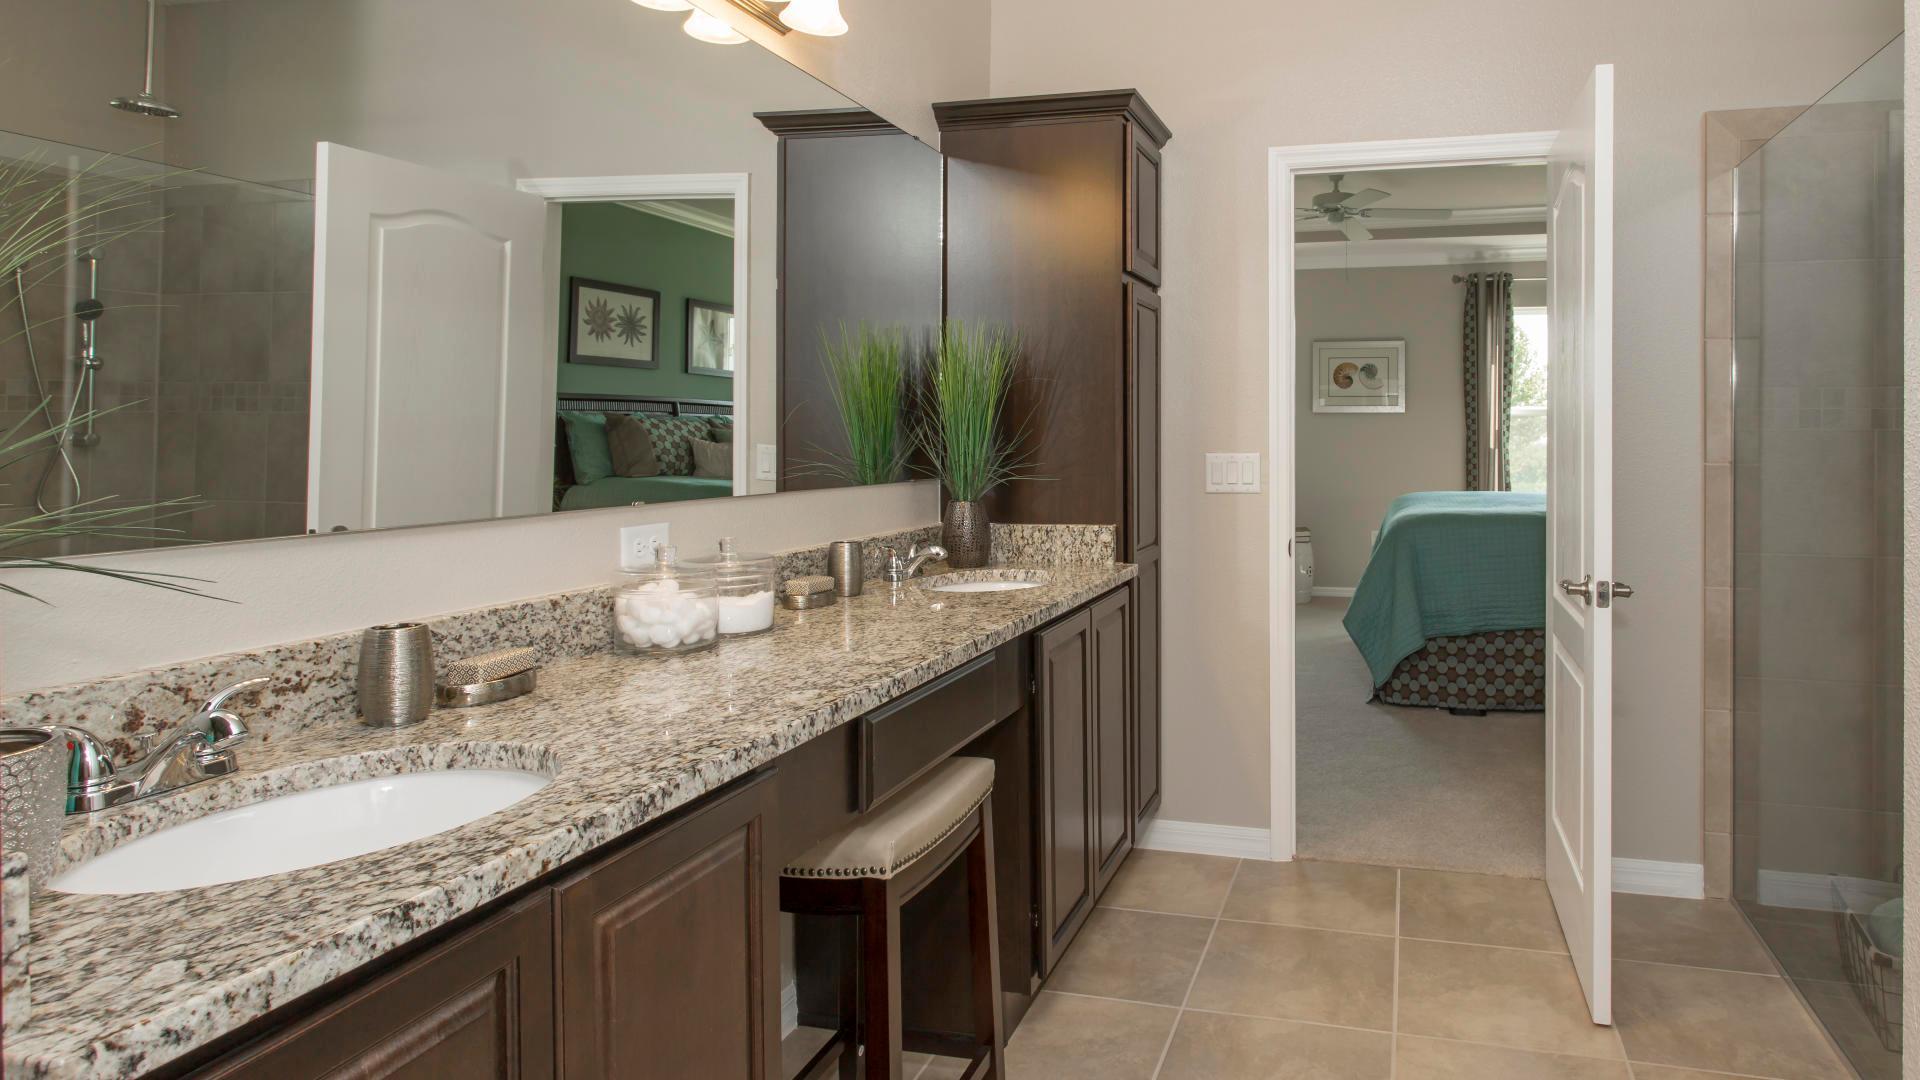 Bathroom featured in the Sierra By Maronda Homes in Daytona Beach, FL